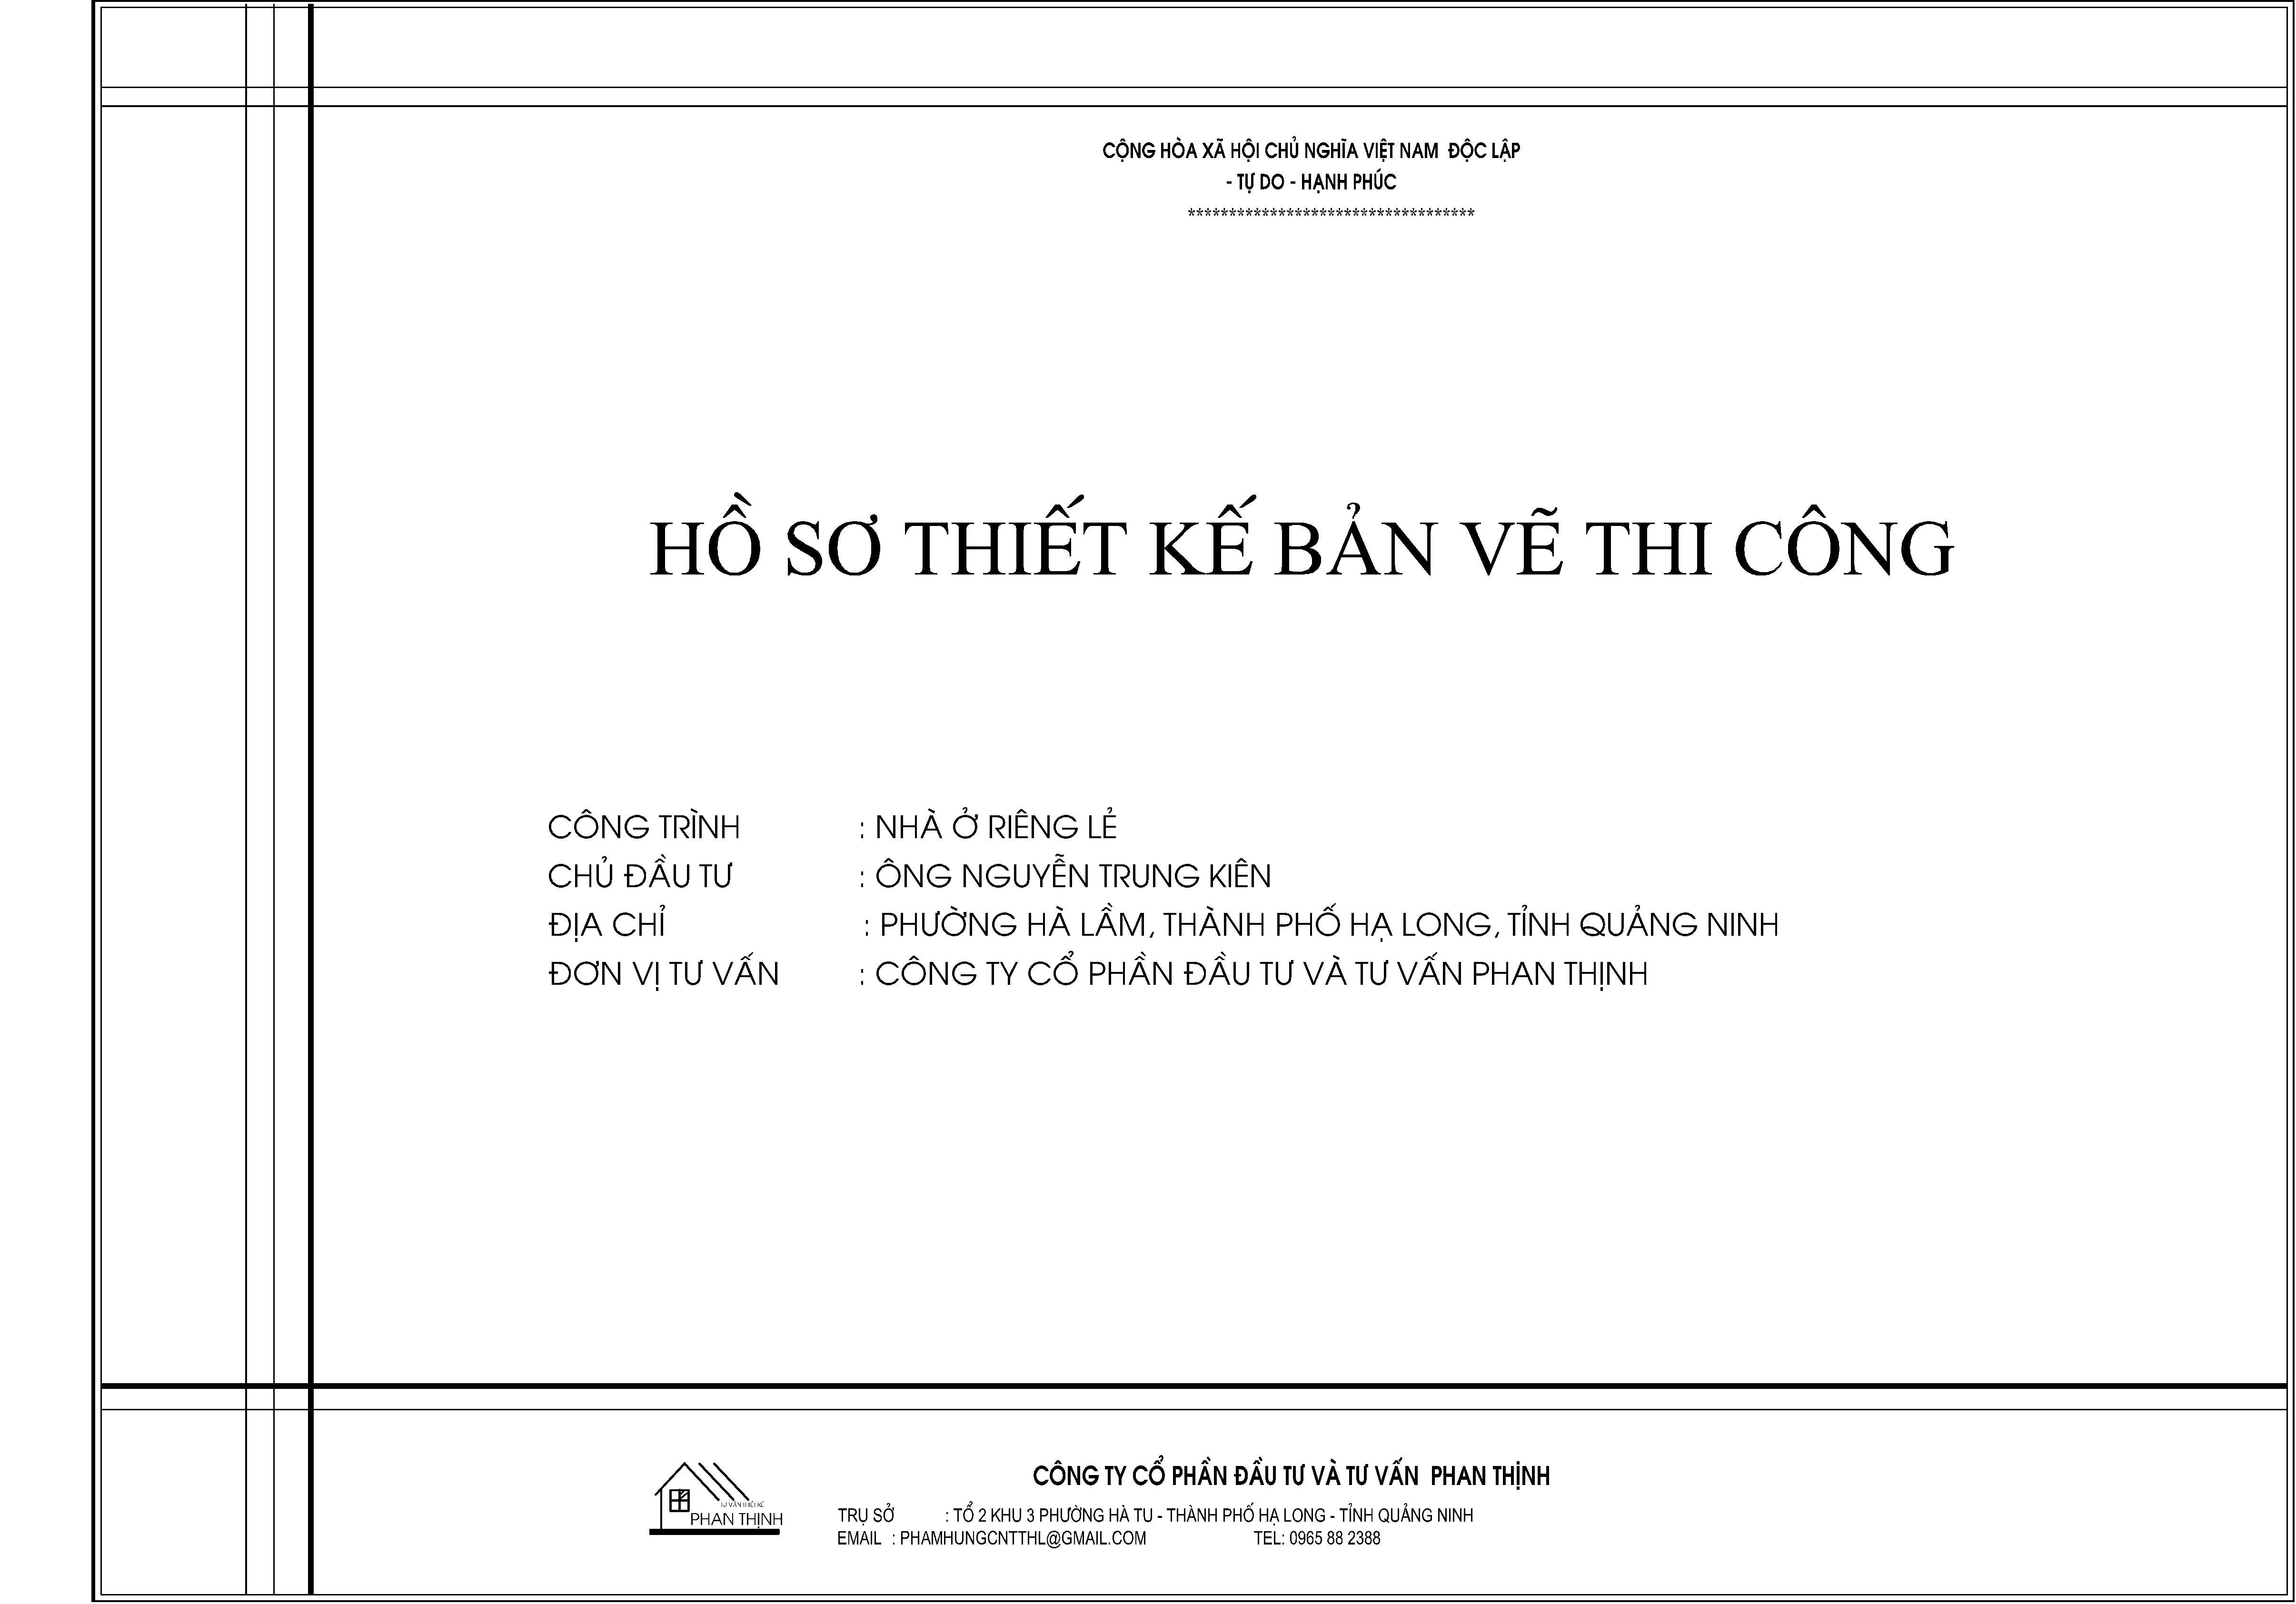 Bìa hồ sơ thiết kế xây dựng nhà anh Kiên tại phường Hà Lầm thành phố Hạ Long